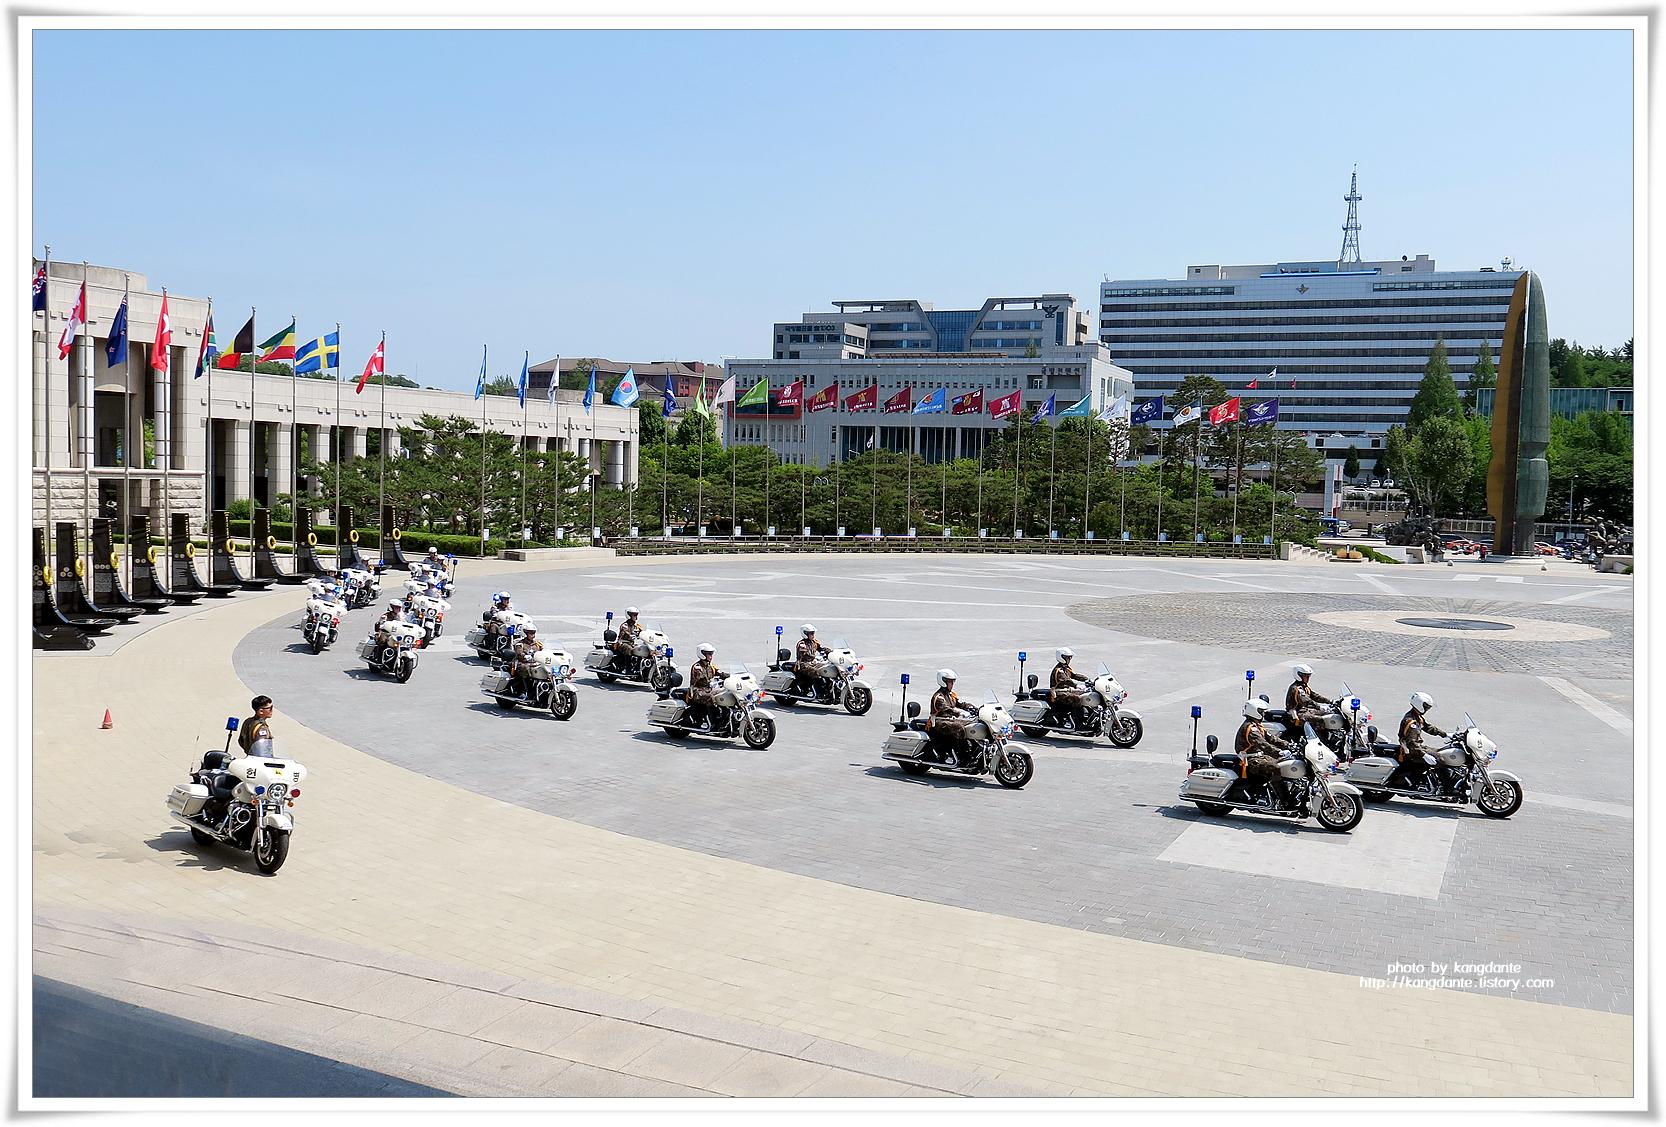 전쟁기념관의 수방사 헌병단 모터사이카(MC) 퍼레이드